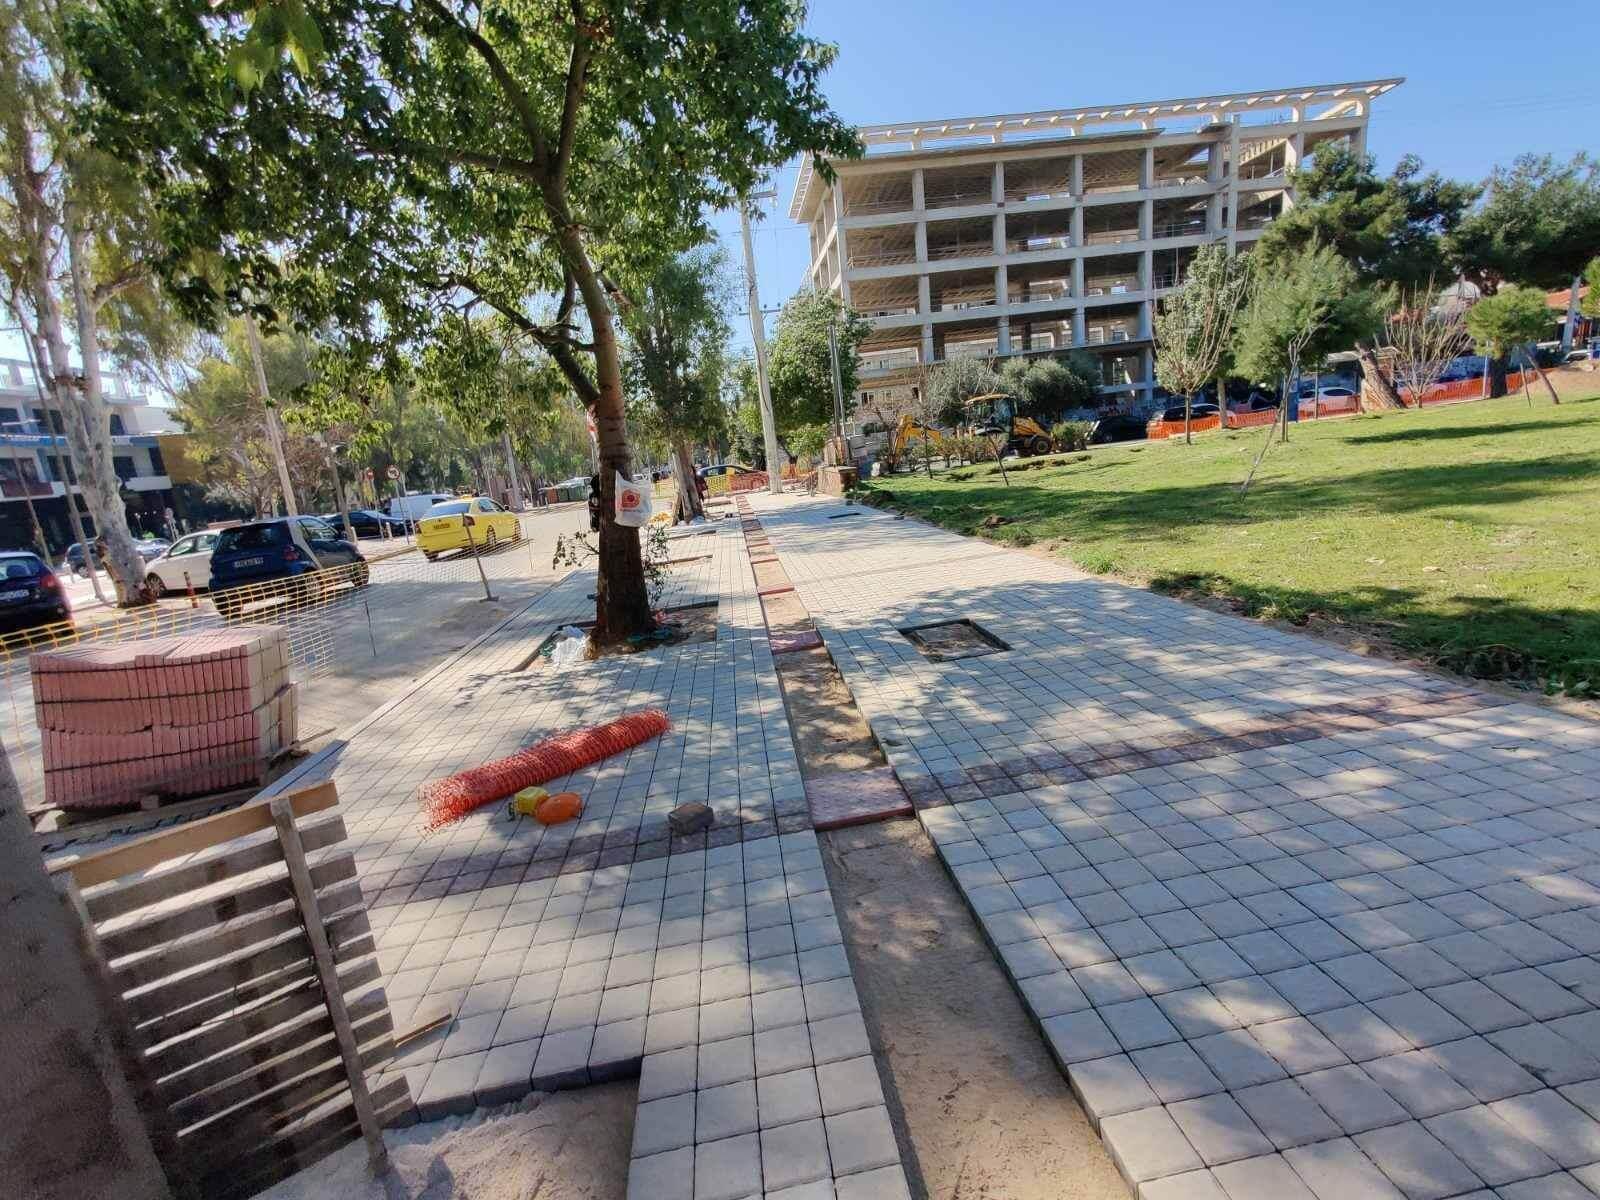 Καινούργια πεζοδρόμια και νέες ασφαλτοστρώσεις στη Γλυφάδα